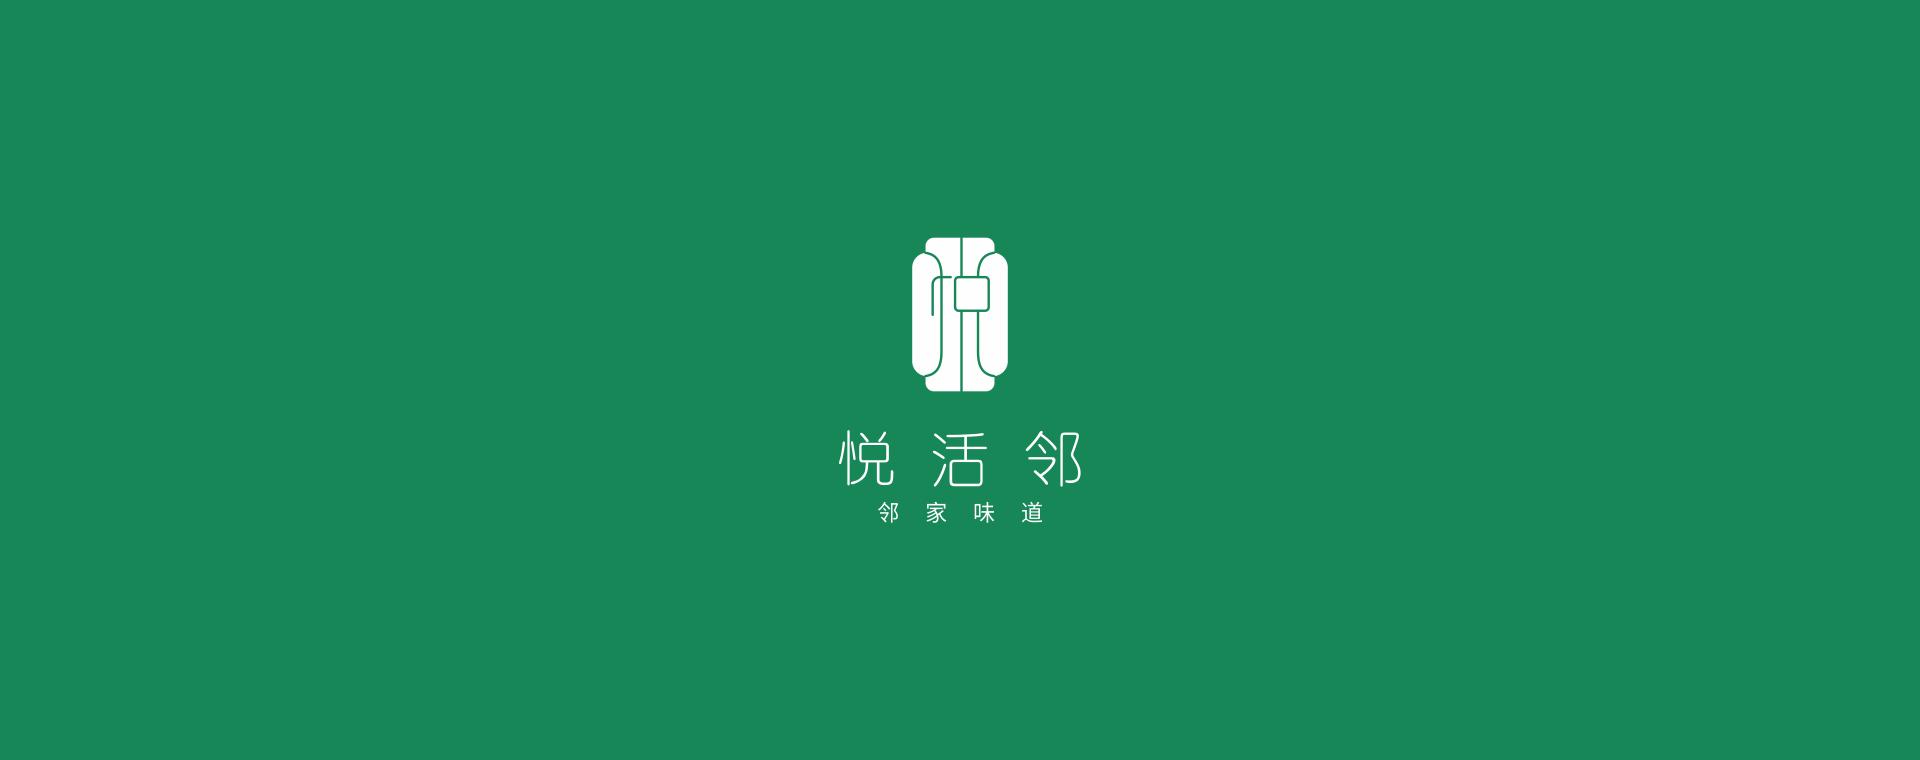 主题酒店logo体现邻家味道